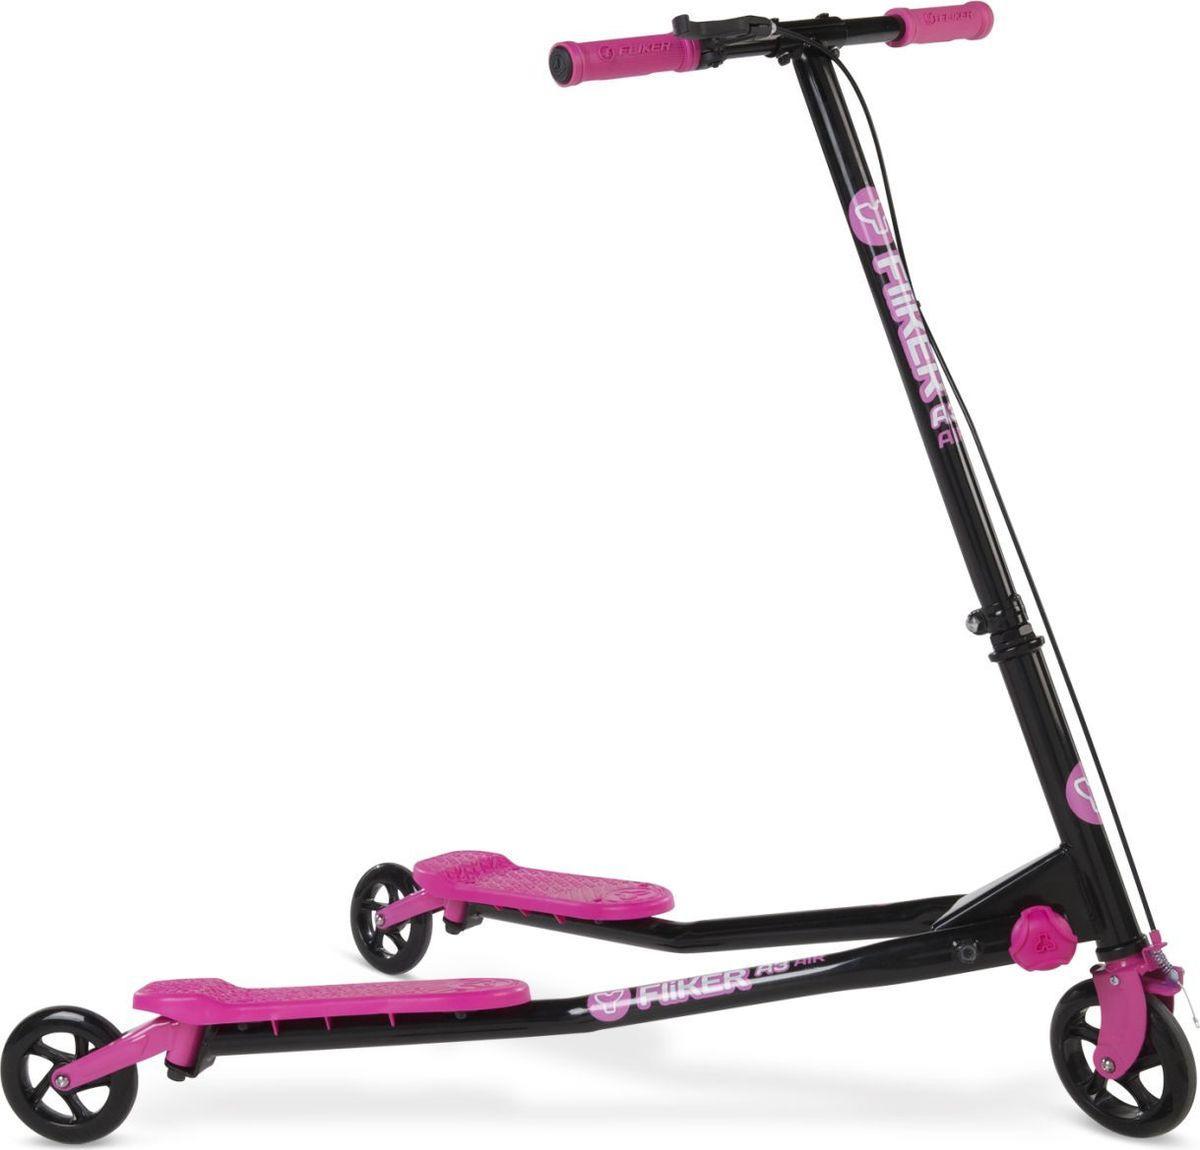 цены на Самокат инерционный детский Yvolution Fliker Air A3, 100020, розовый  в интернет-магазинах